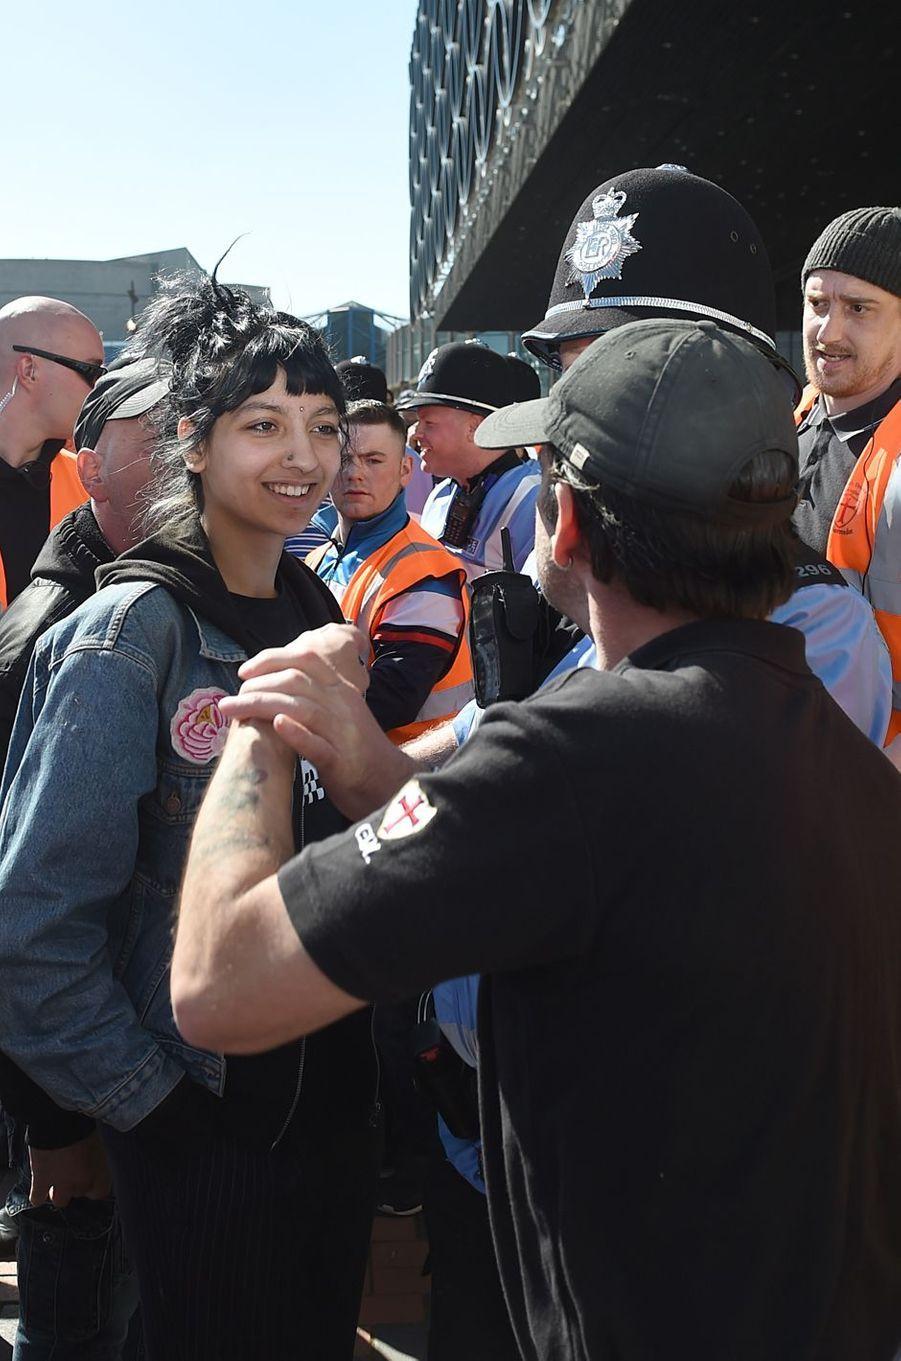 Saffiyah Khan face à Ian Crossland, de l'EDL, lors d'une manifestation à Birmingham, le 8 avril 2017.